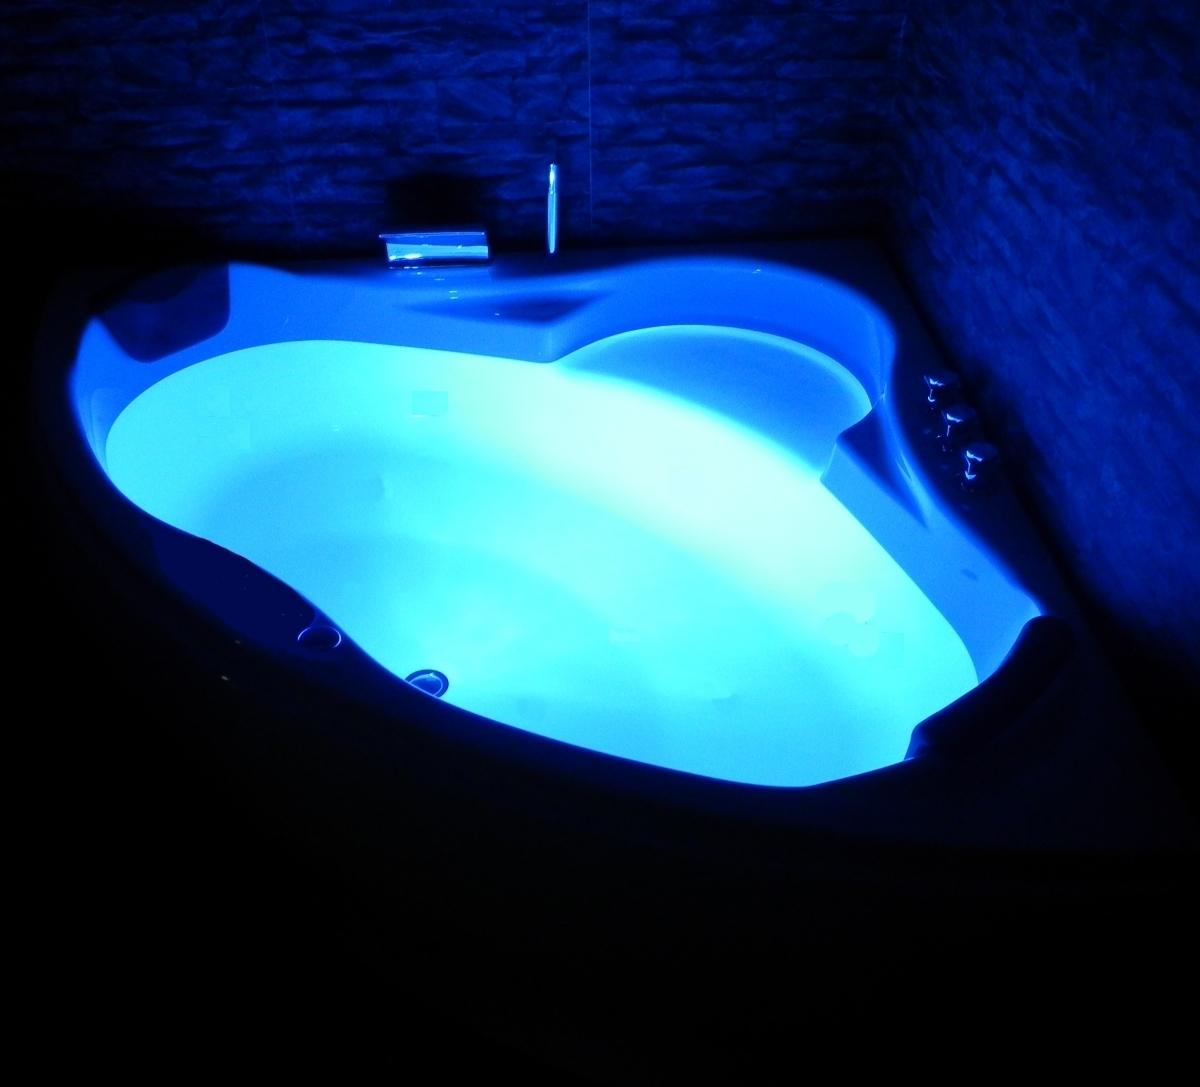 eckbadewanne badewanne günstig rechte + linke eckwanne made in, Badezimmer ideen